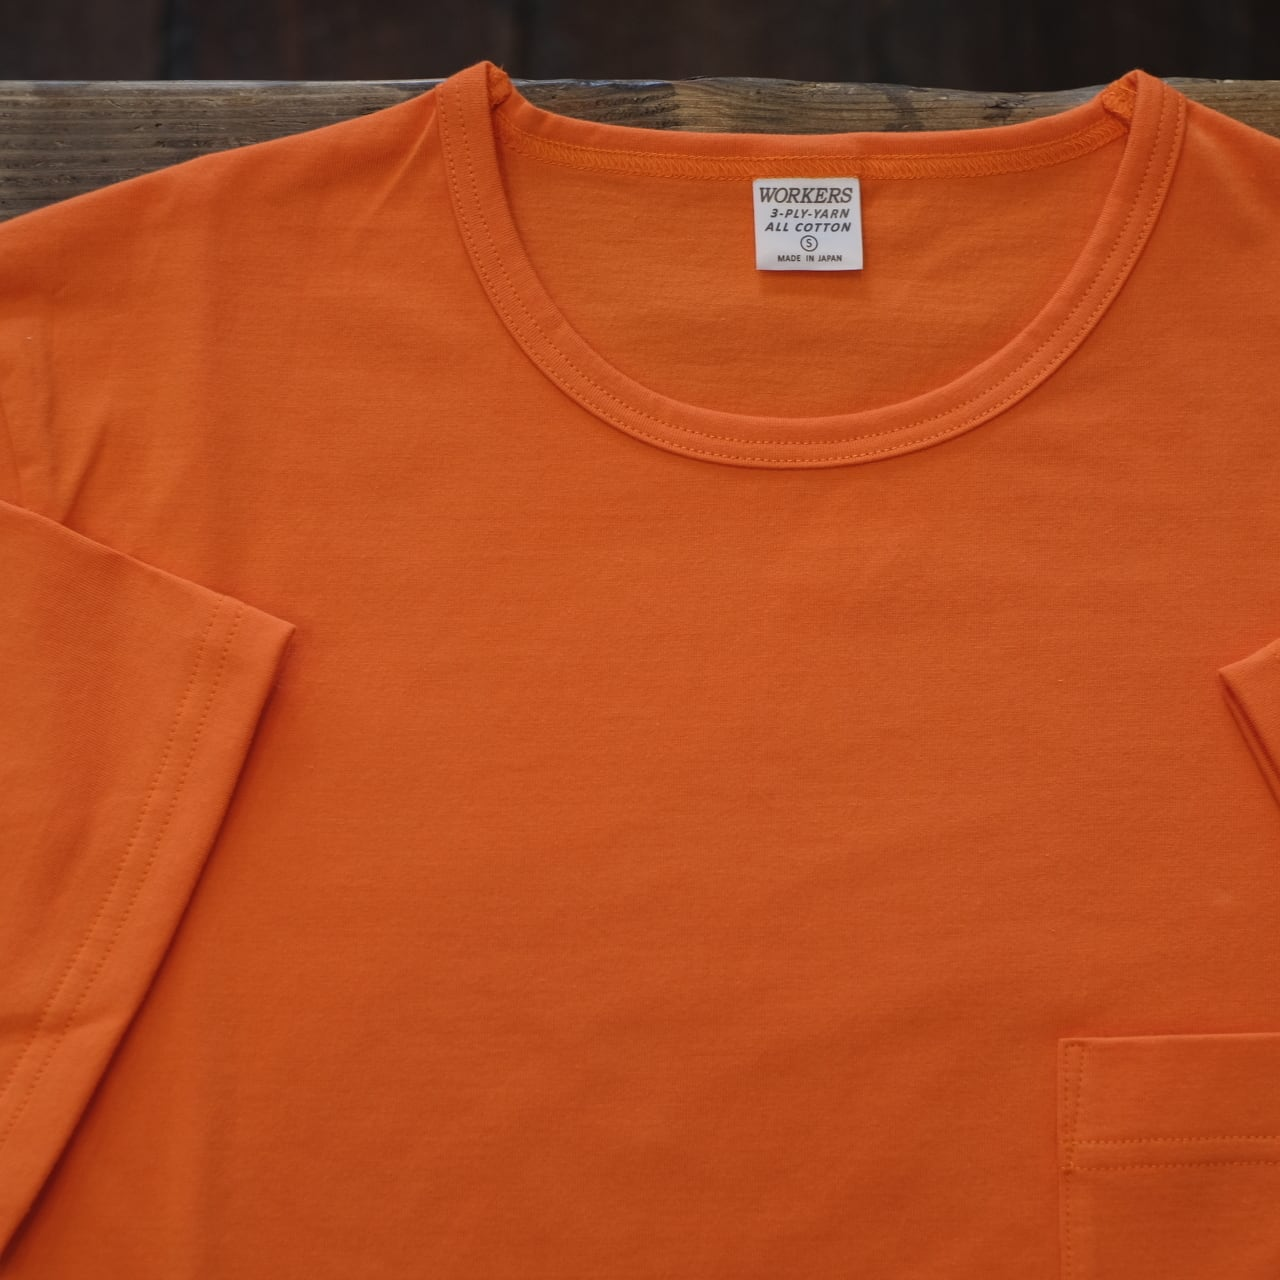 Workers(ワーカーズ) 別注 3PLYスリム ポケットTシャツ オレンジ